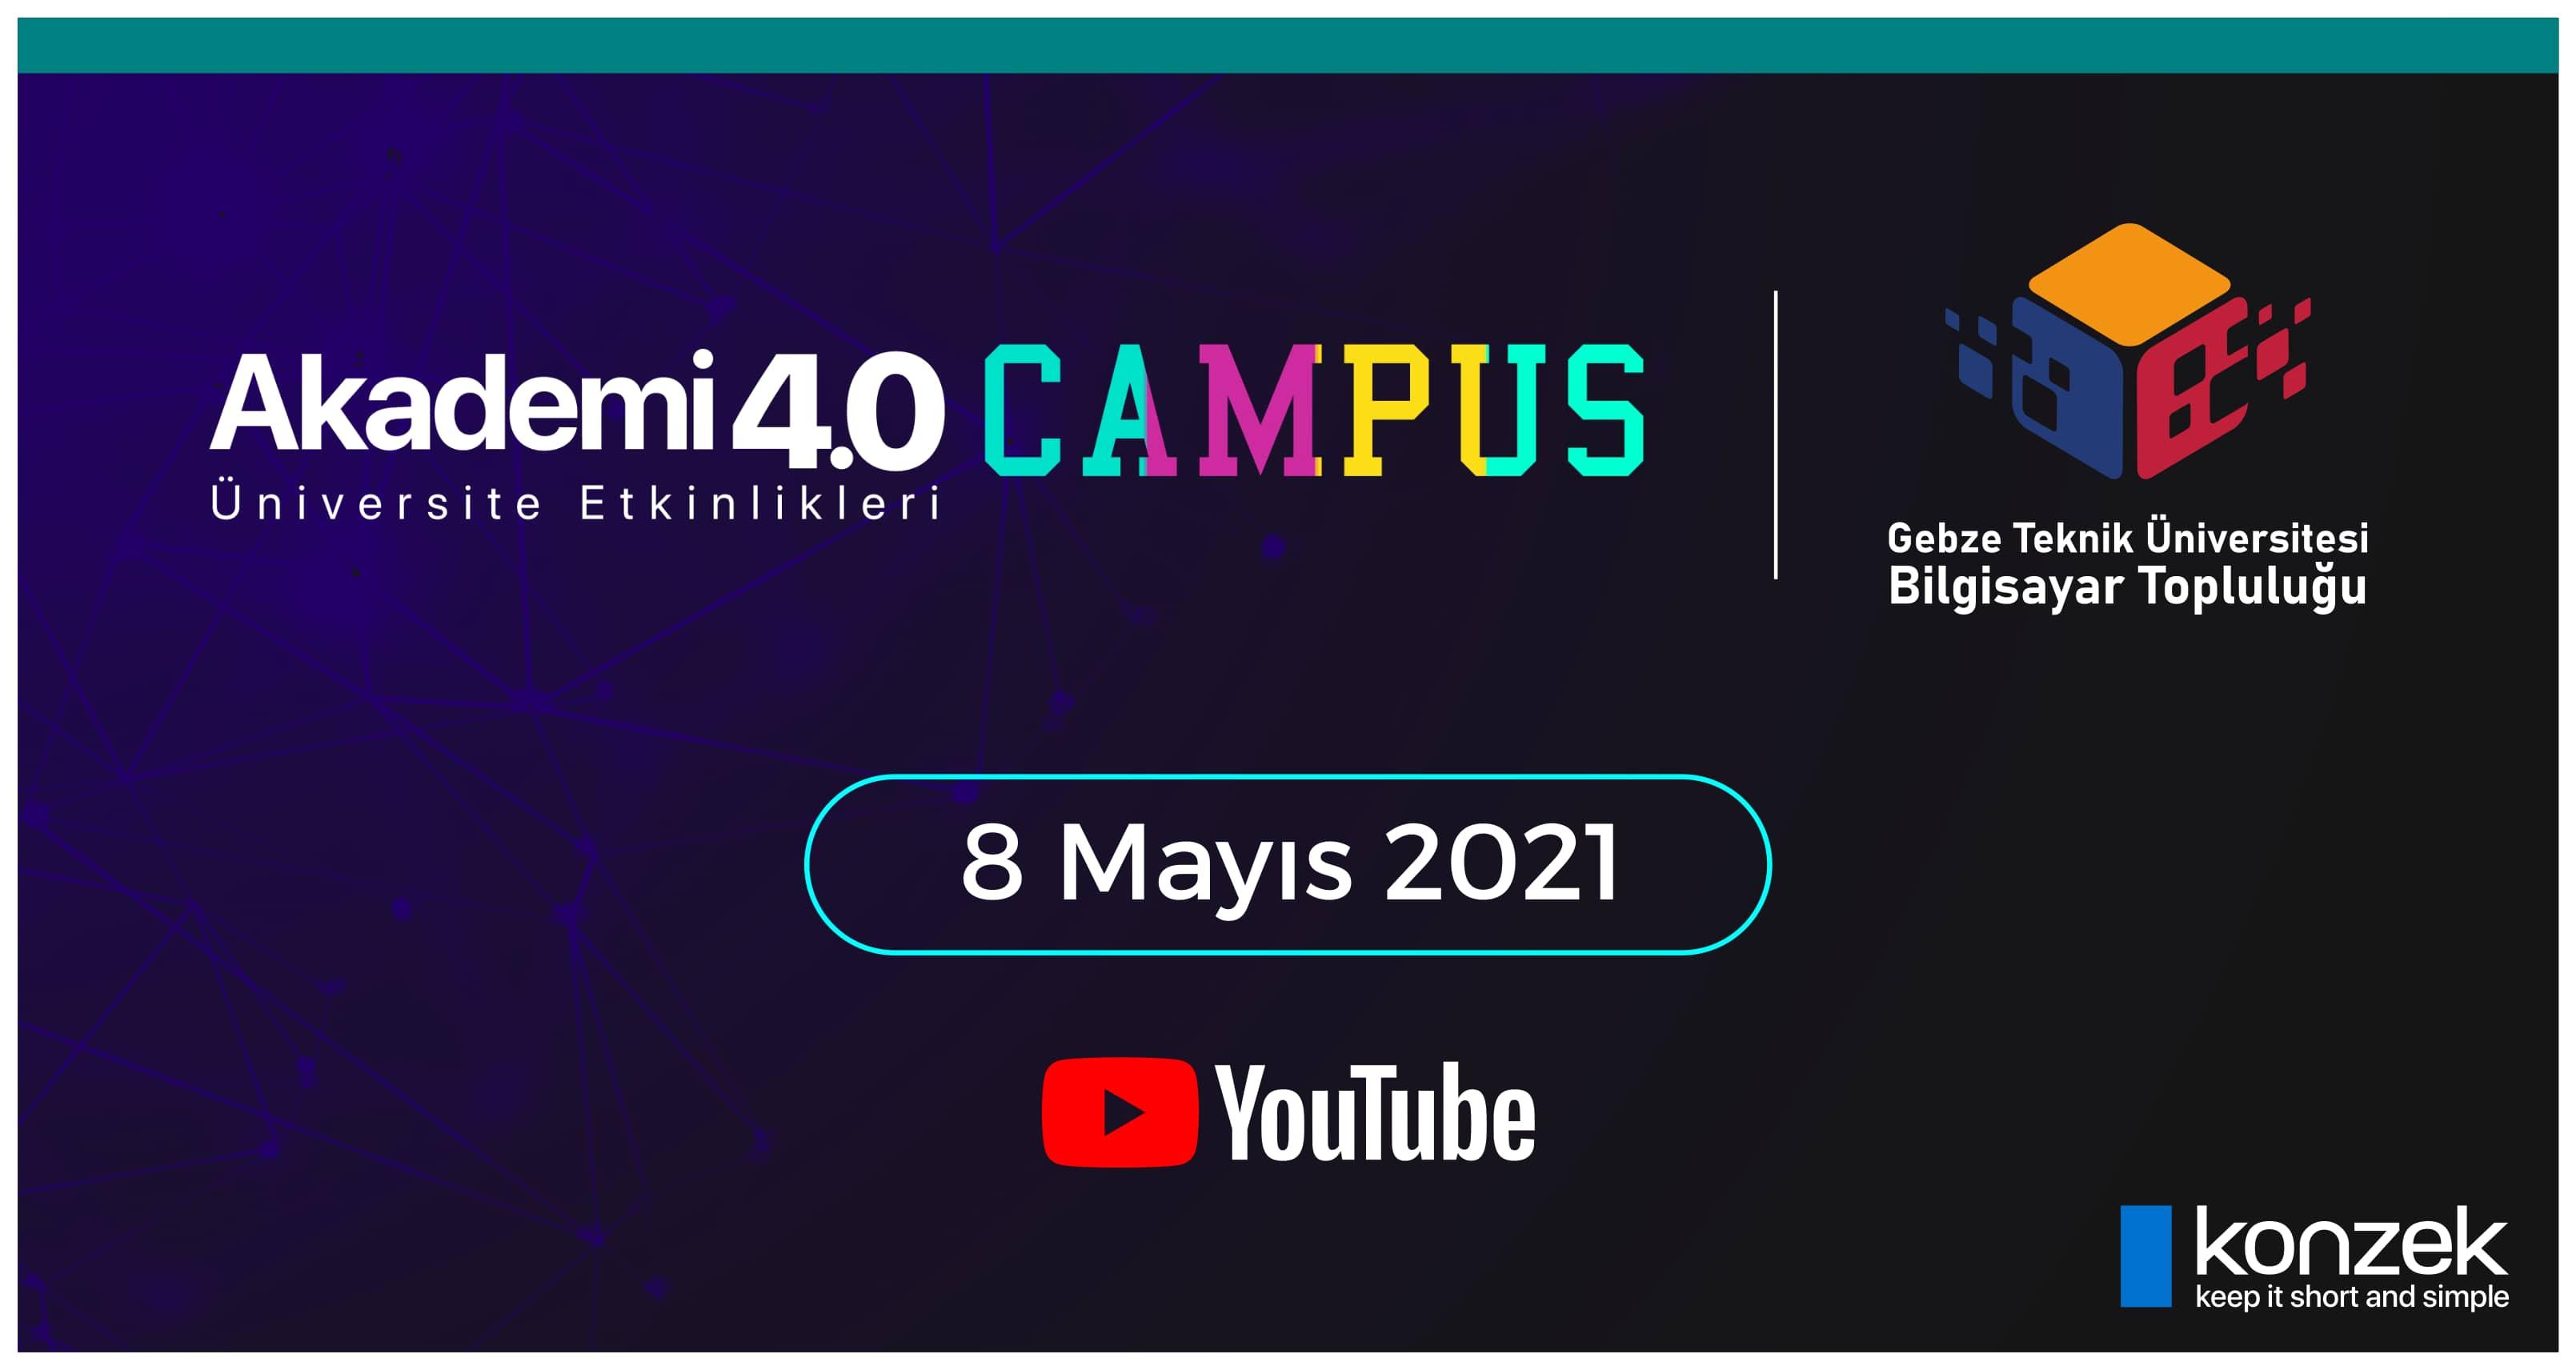 Yapay Zekâ ve Endüstri 4.0 - Gebze Teknik Üniversitesi Bilgisayar Topluluğu